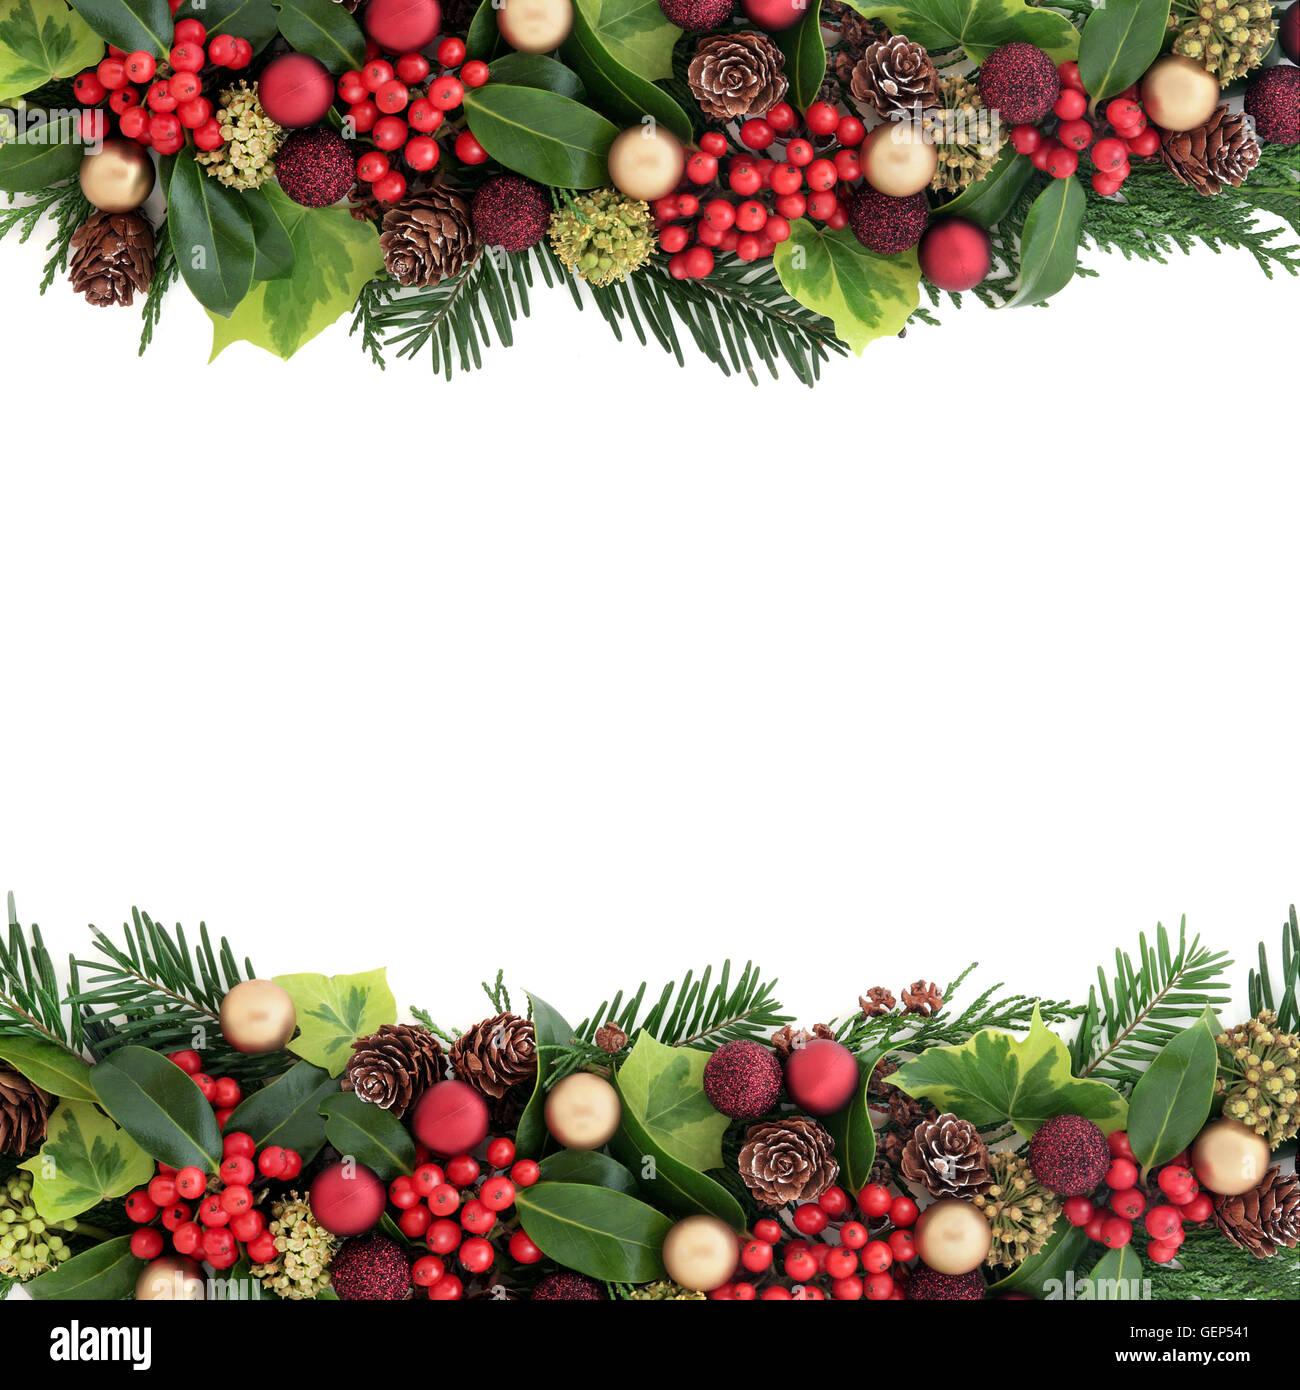 Großzügig Bilderrahmen Weihnachten Bilder - Rahmen Ideen ...